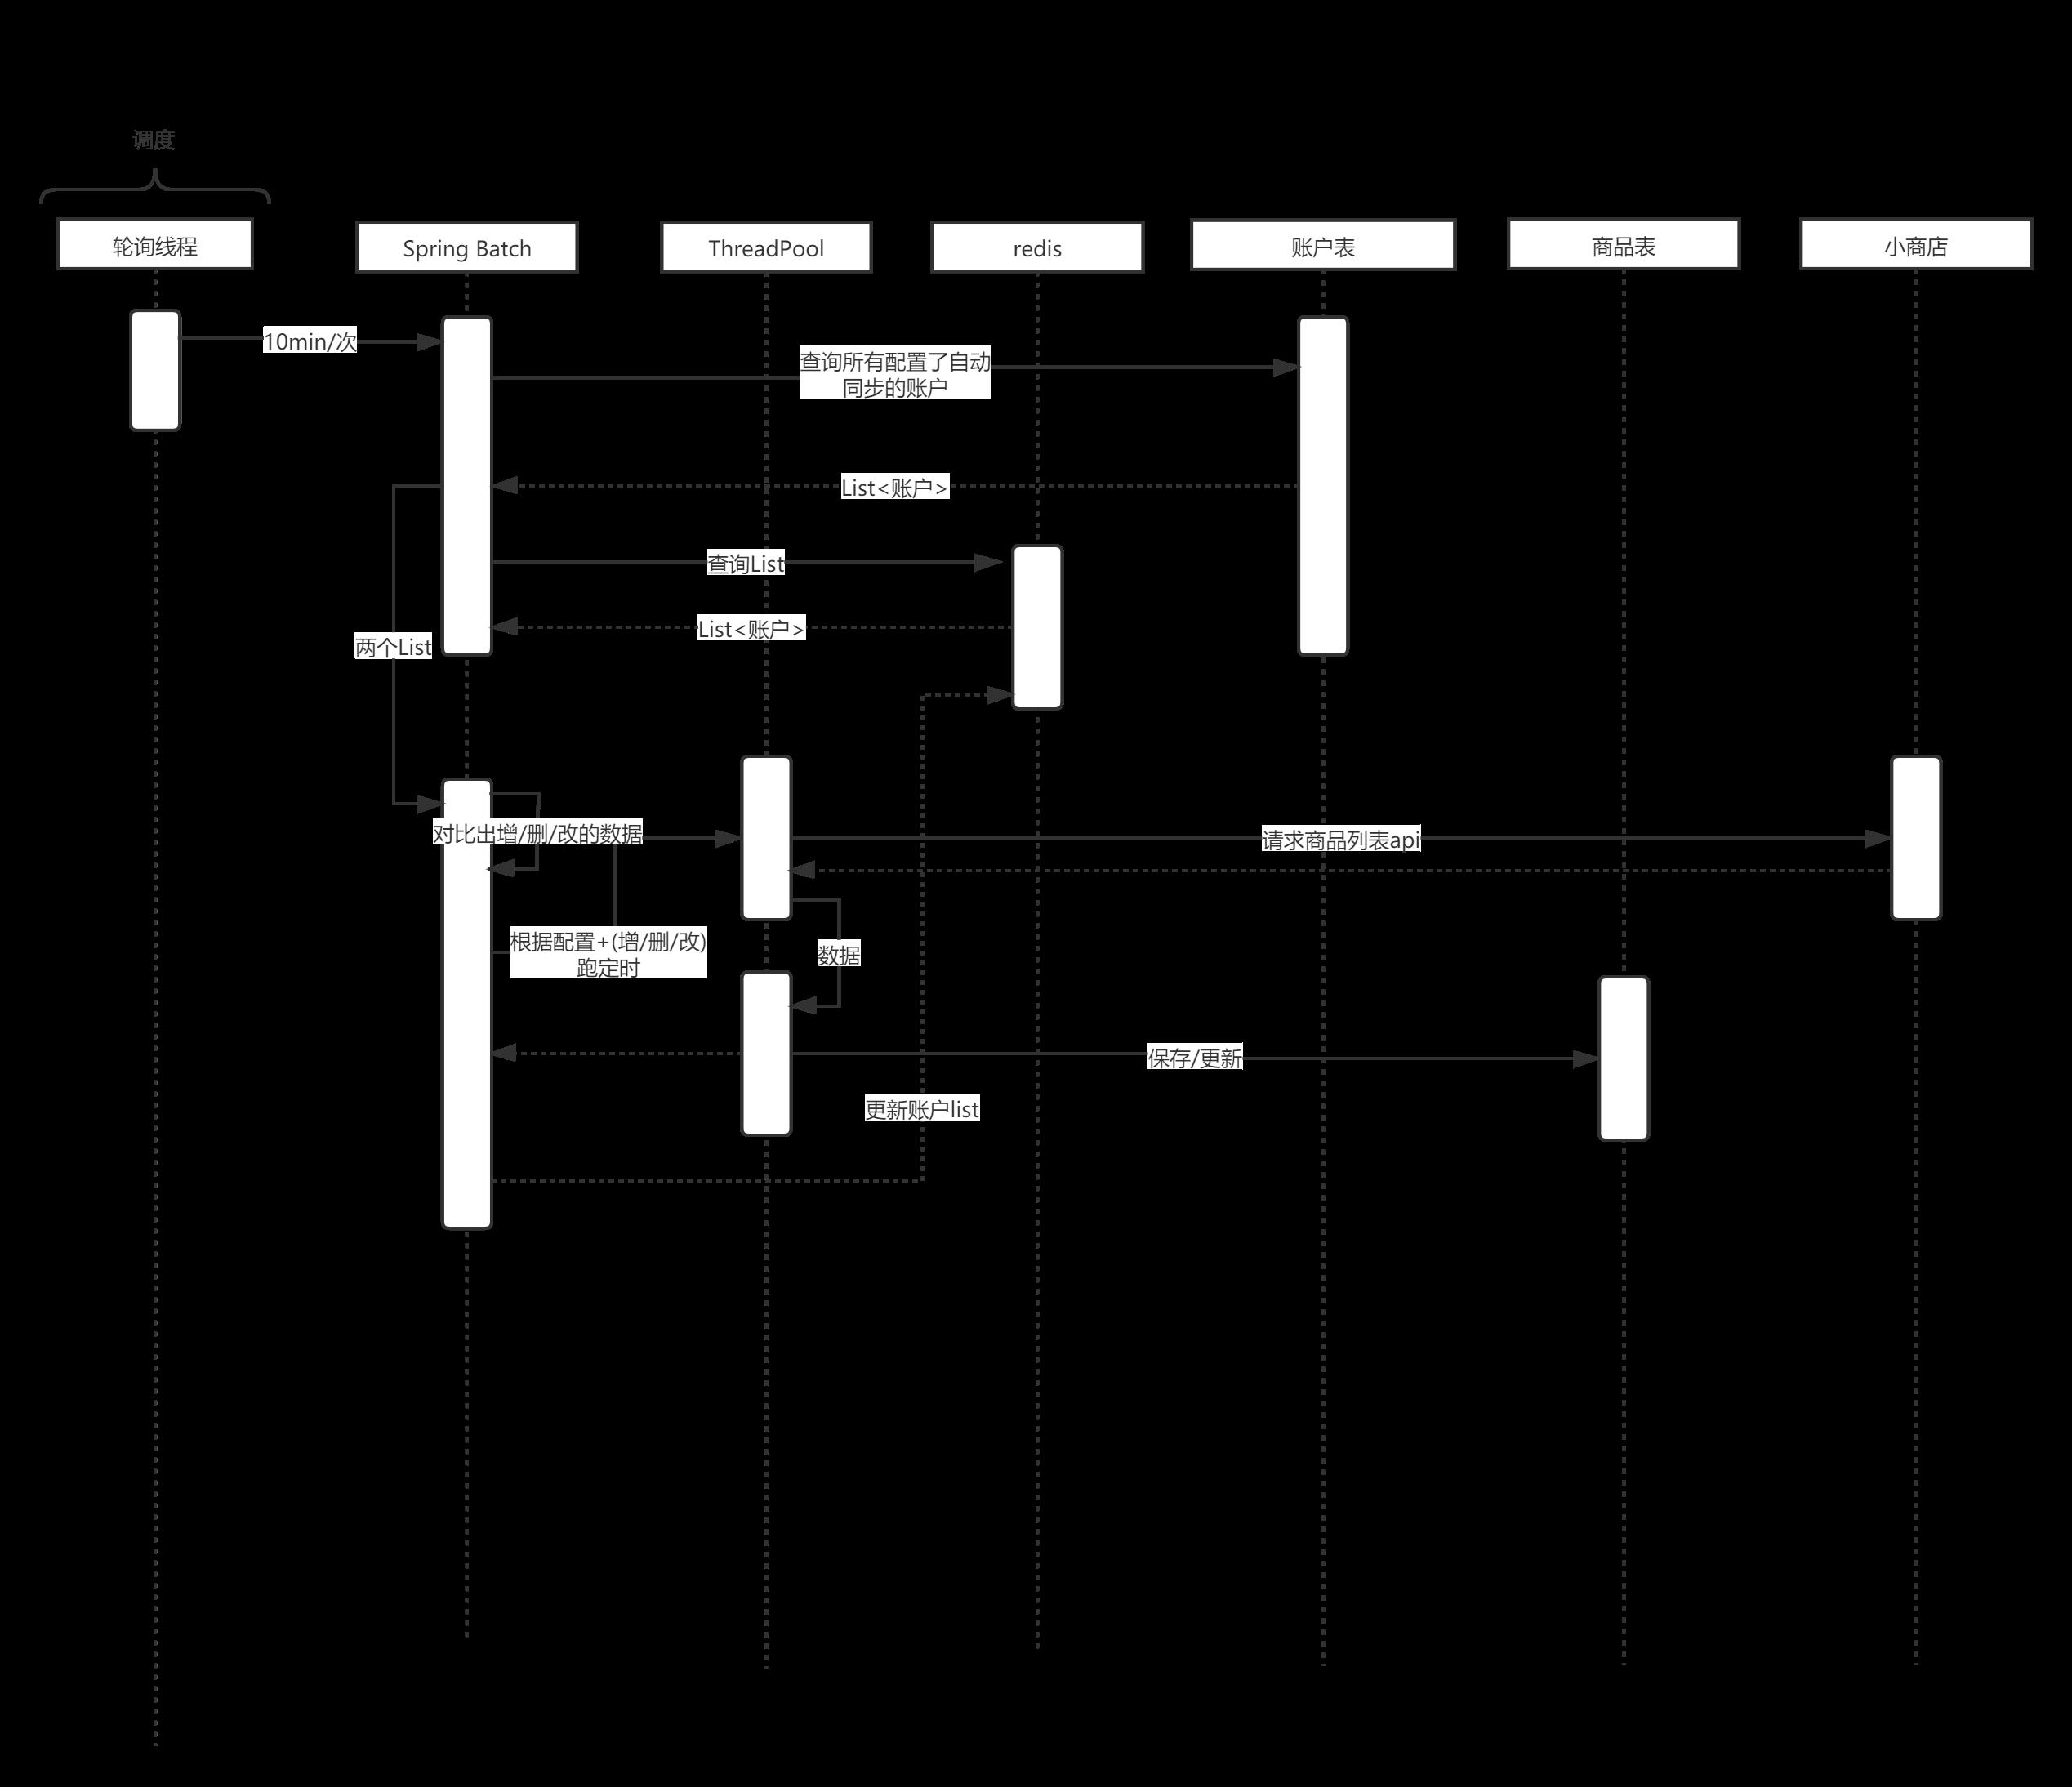 不引入调度框架的分布式定期跑同步任务的实现